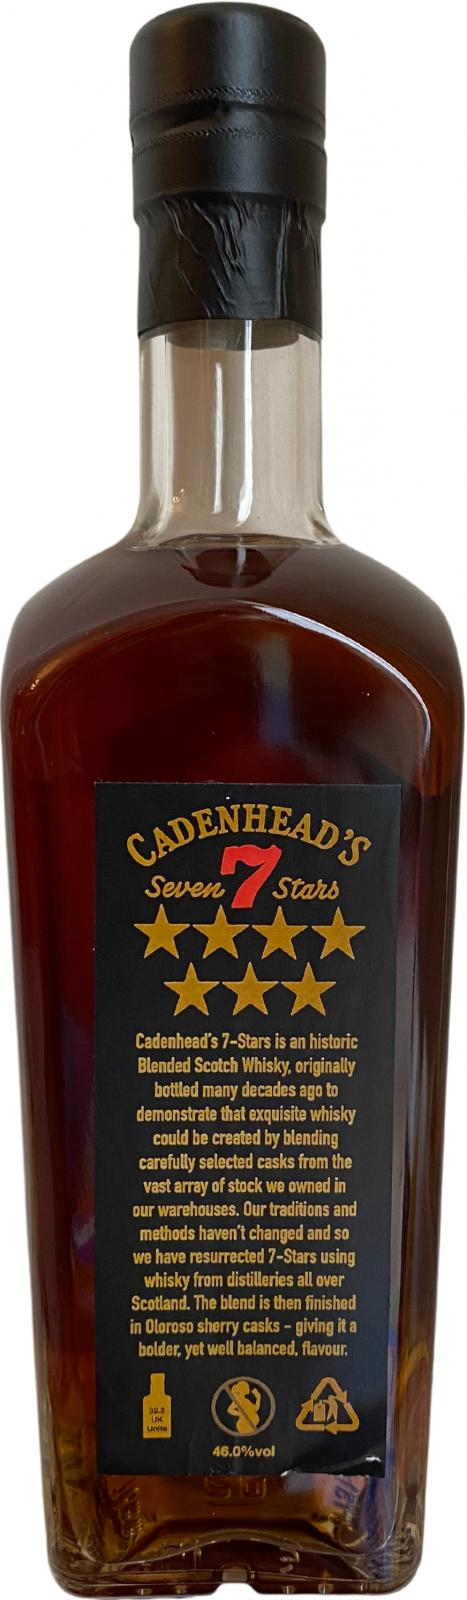 Cadenheads 7 Stars